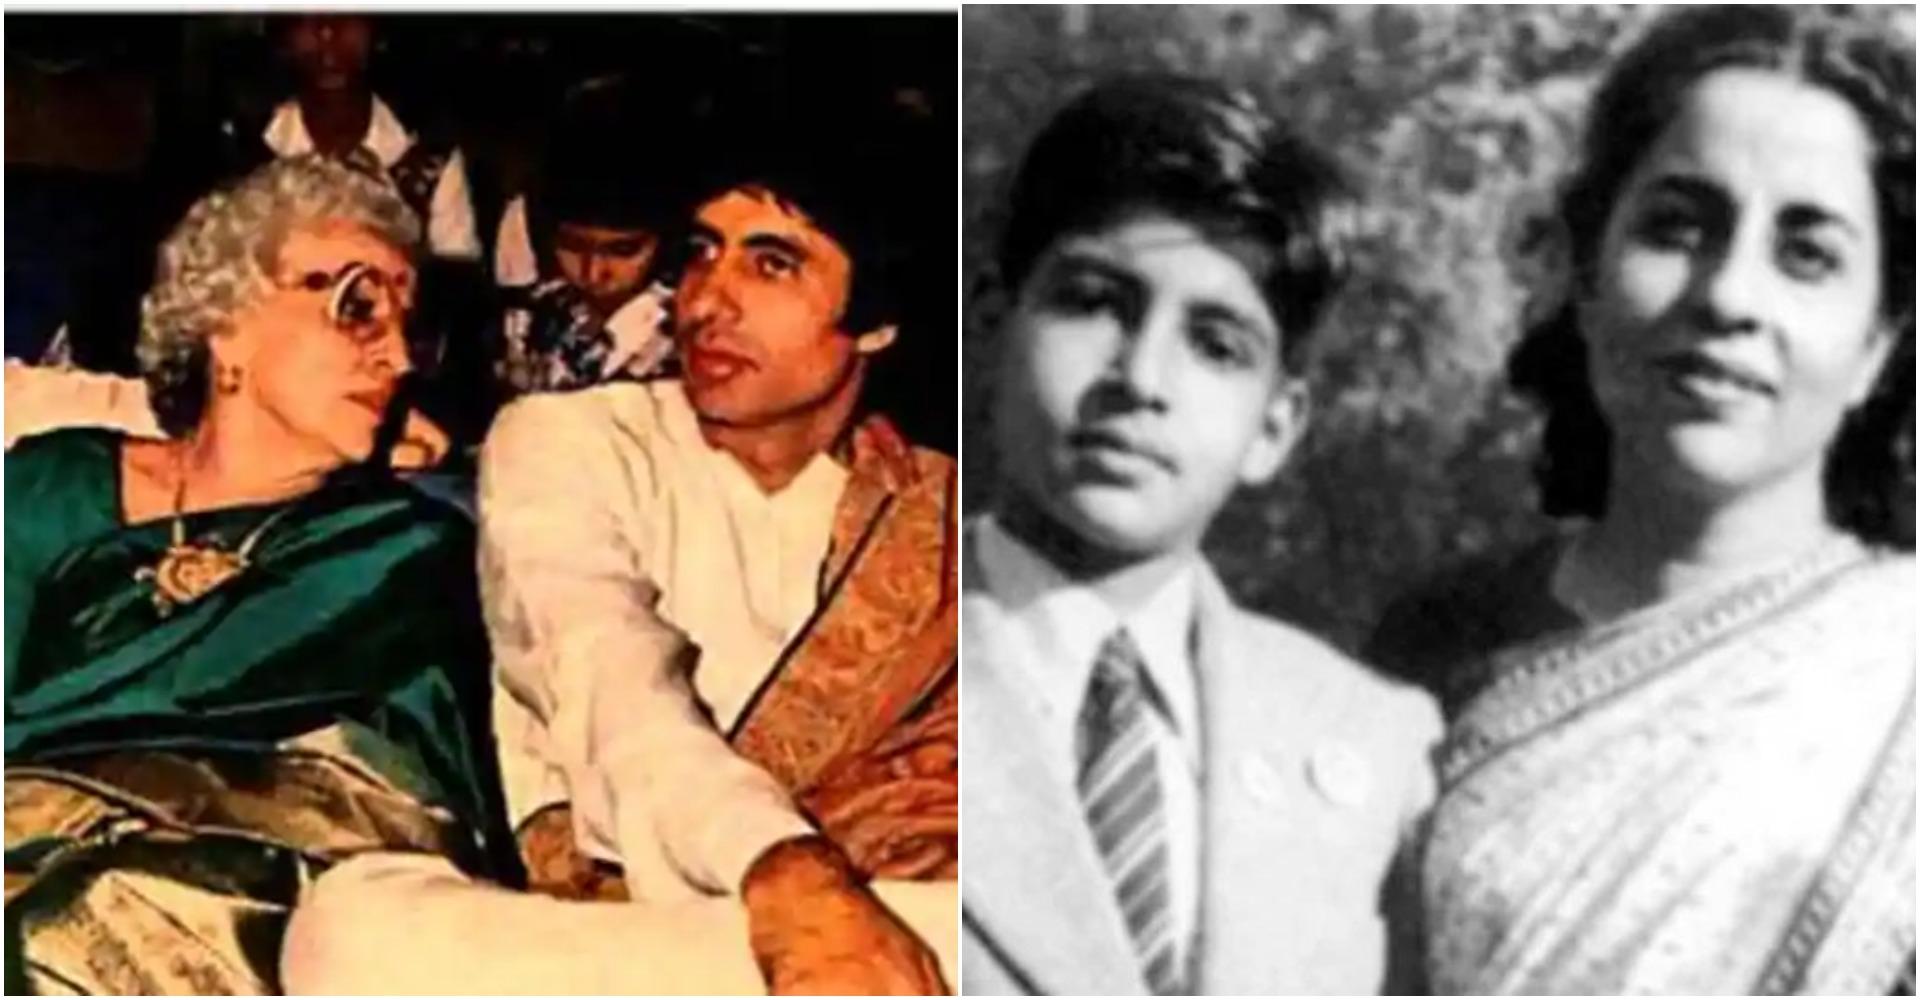 Mother's Day: अमिताभ बच्चन ने आज के इस ख़ास मौके पर माँ को याद कर लिखा इमोशनल नोट, पढ़कर आप भी हो जाएंगे भावुक